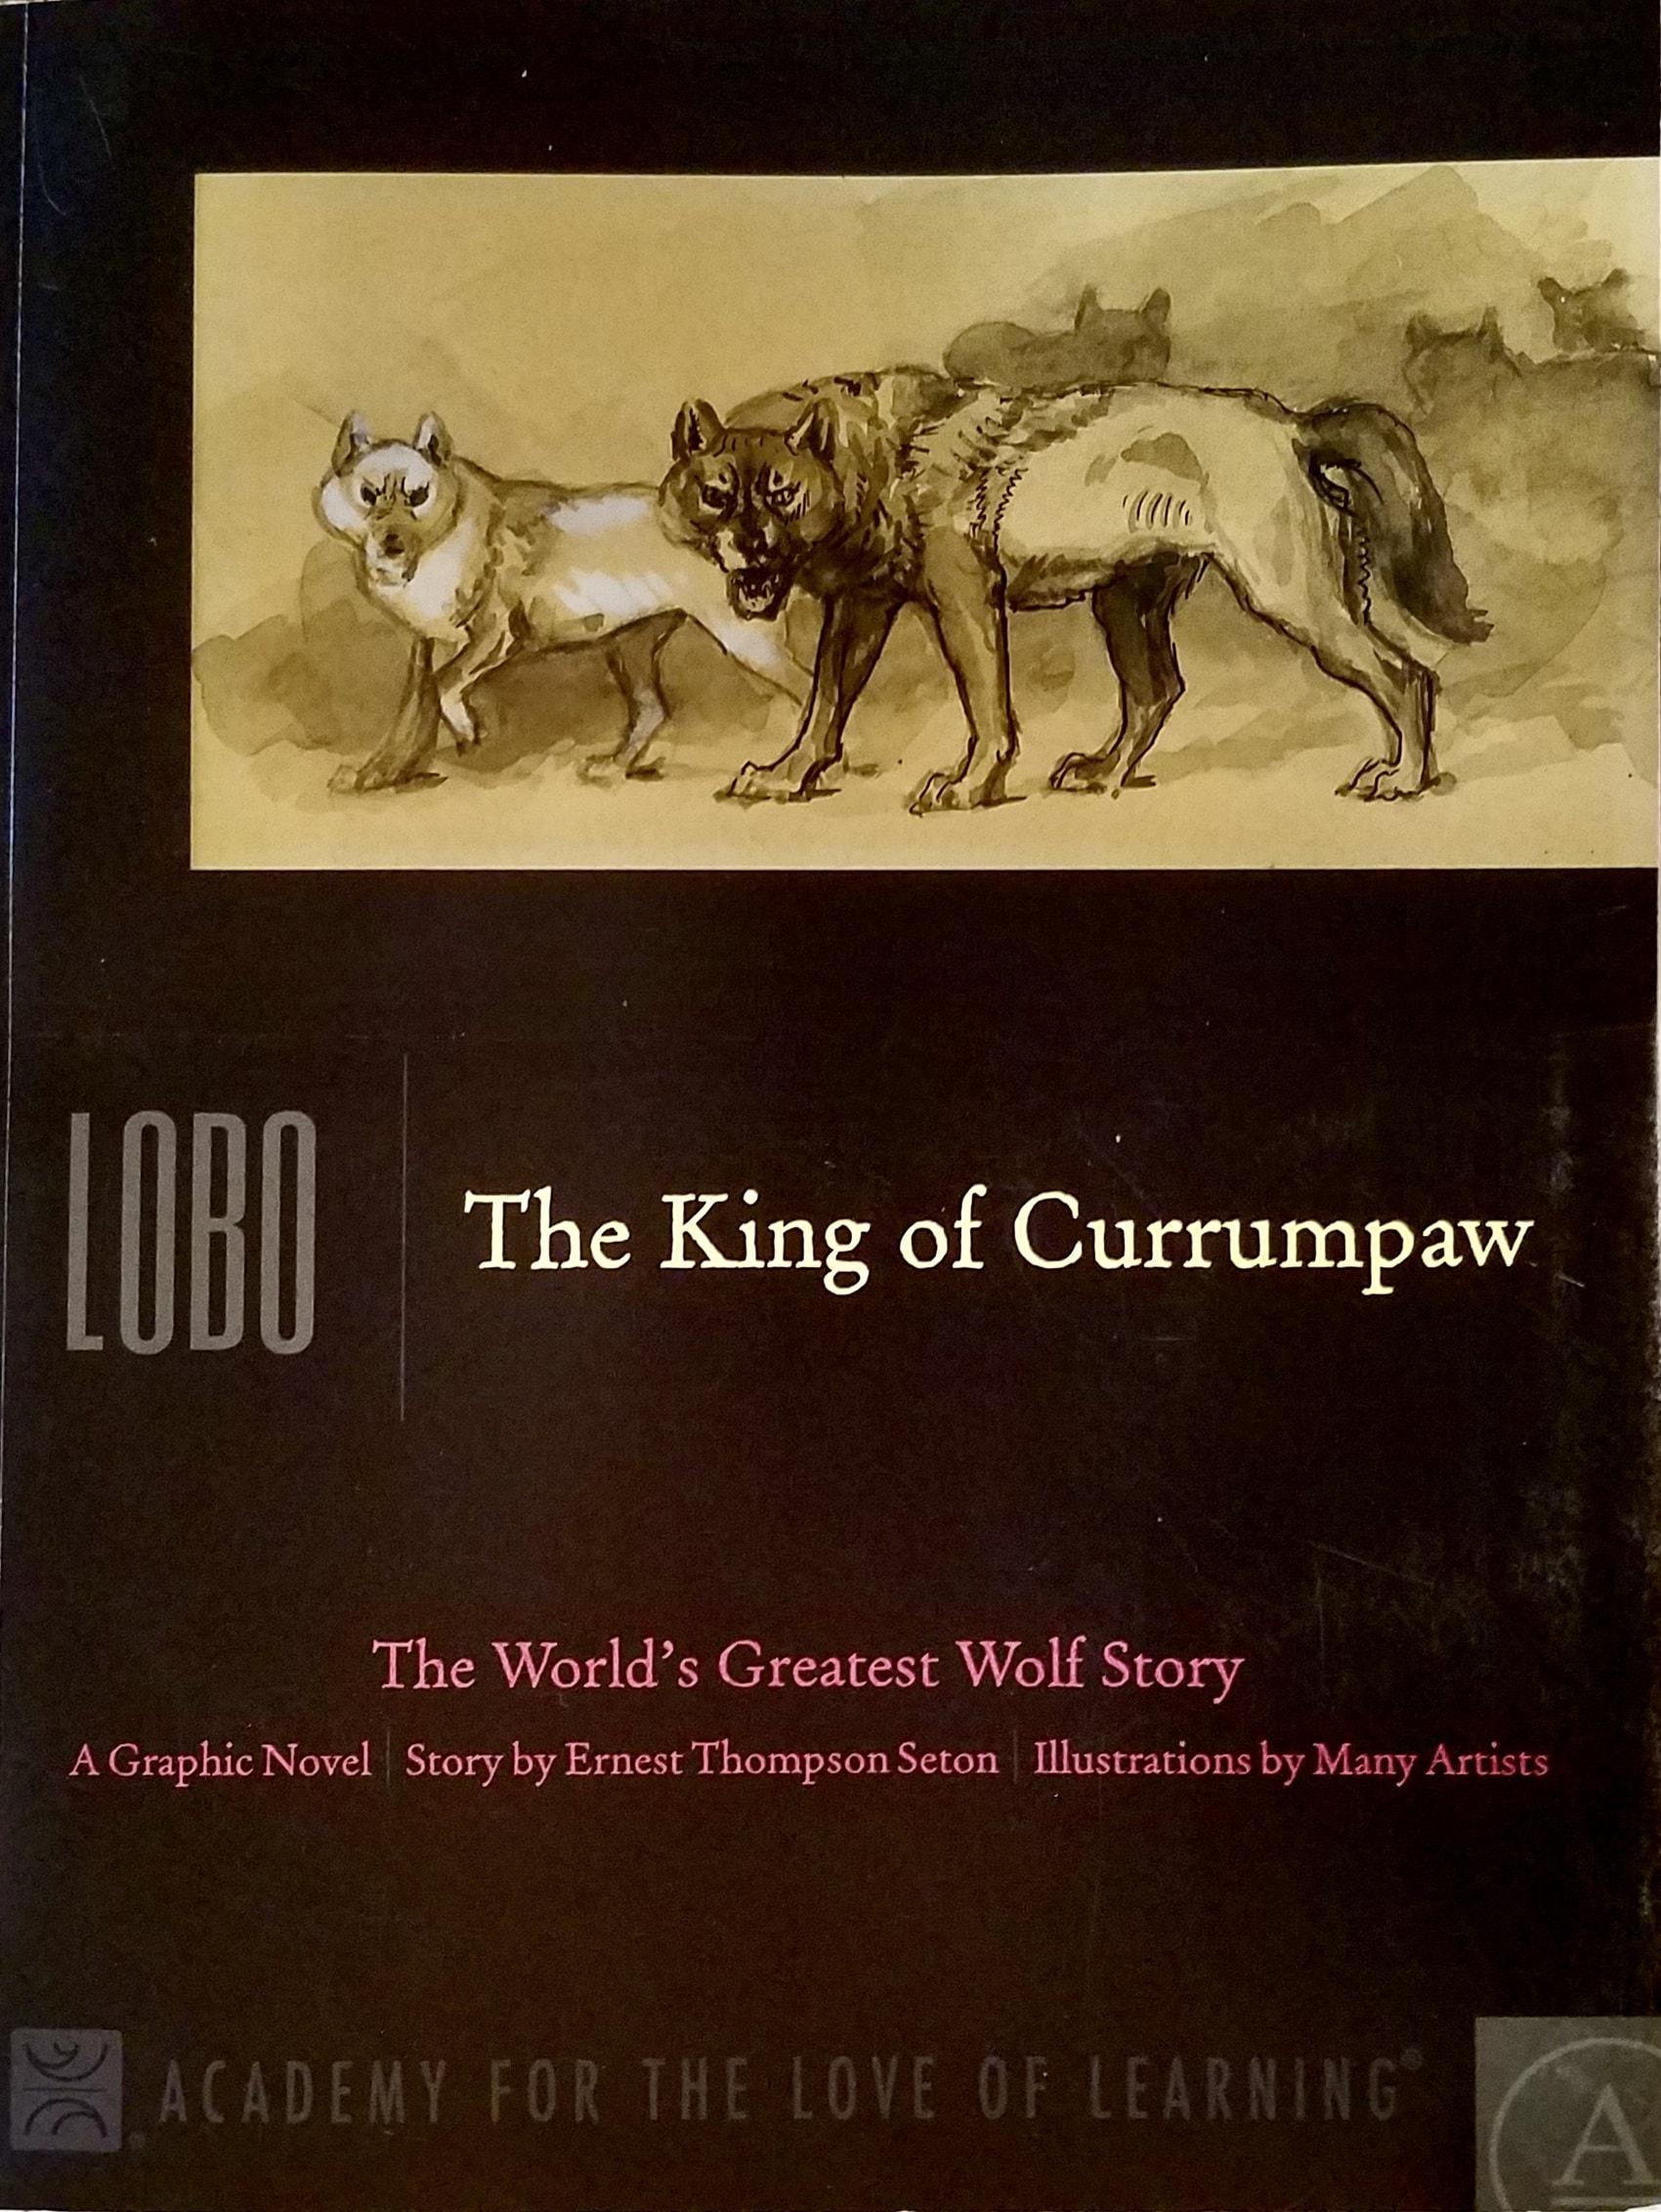 Lobo The King of Currumpaw Exhibition